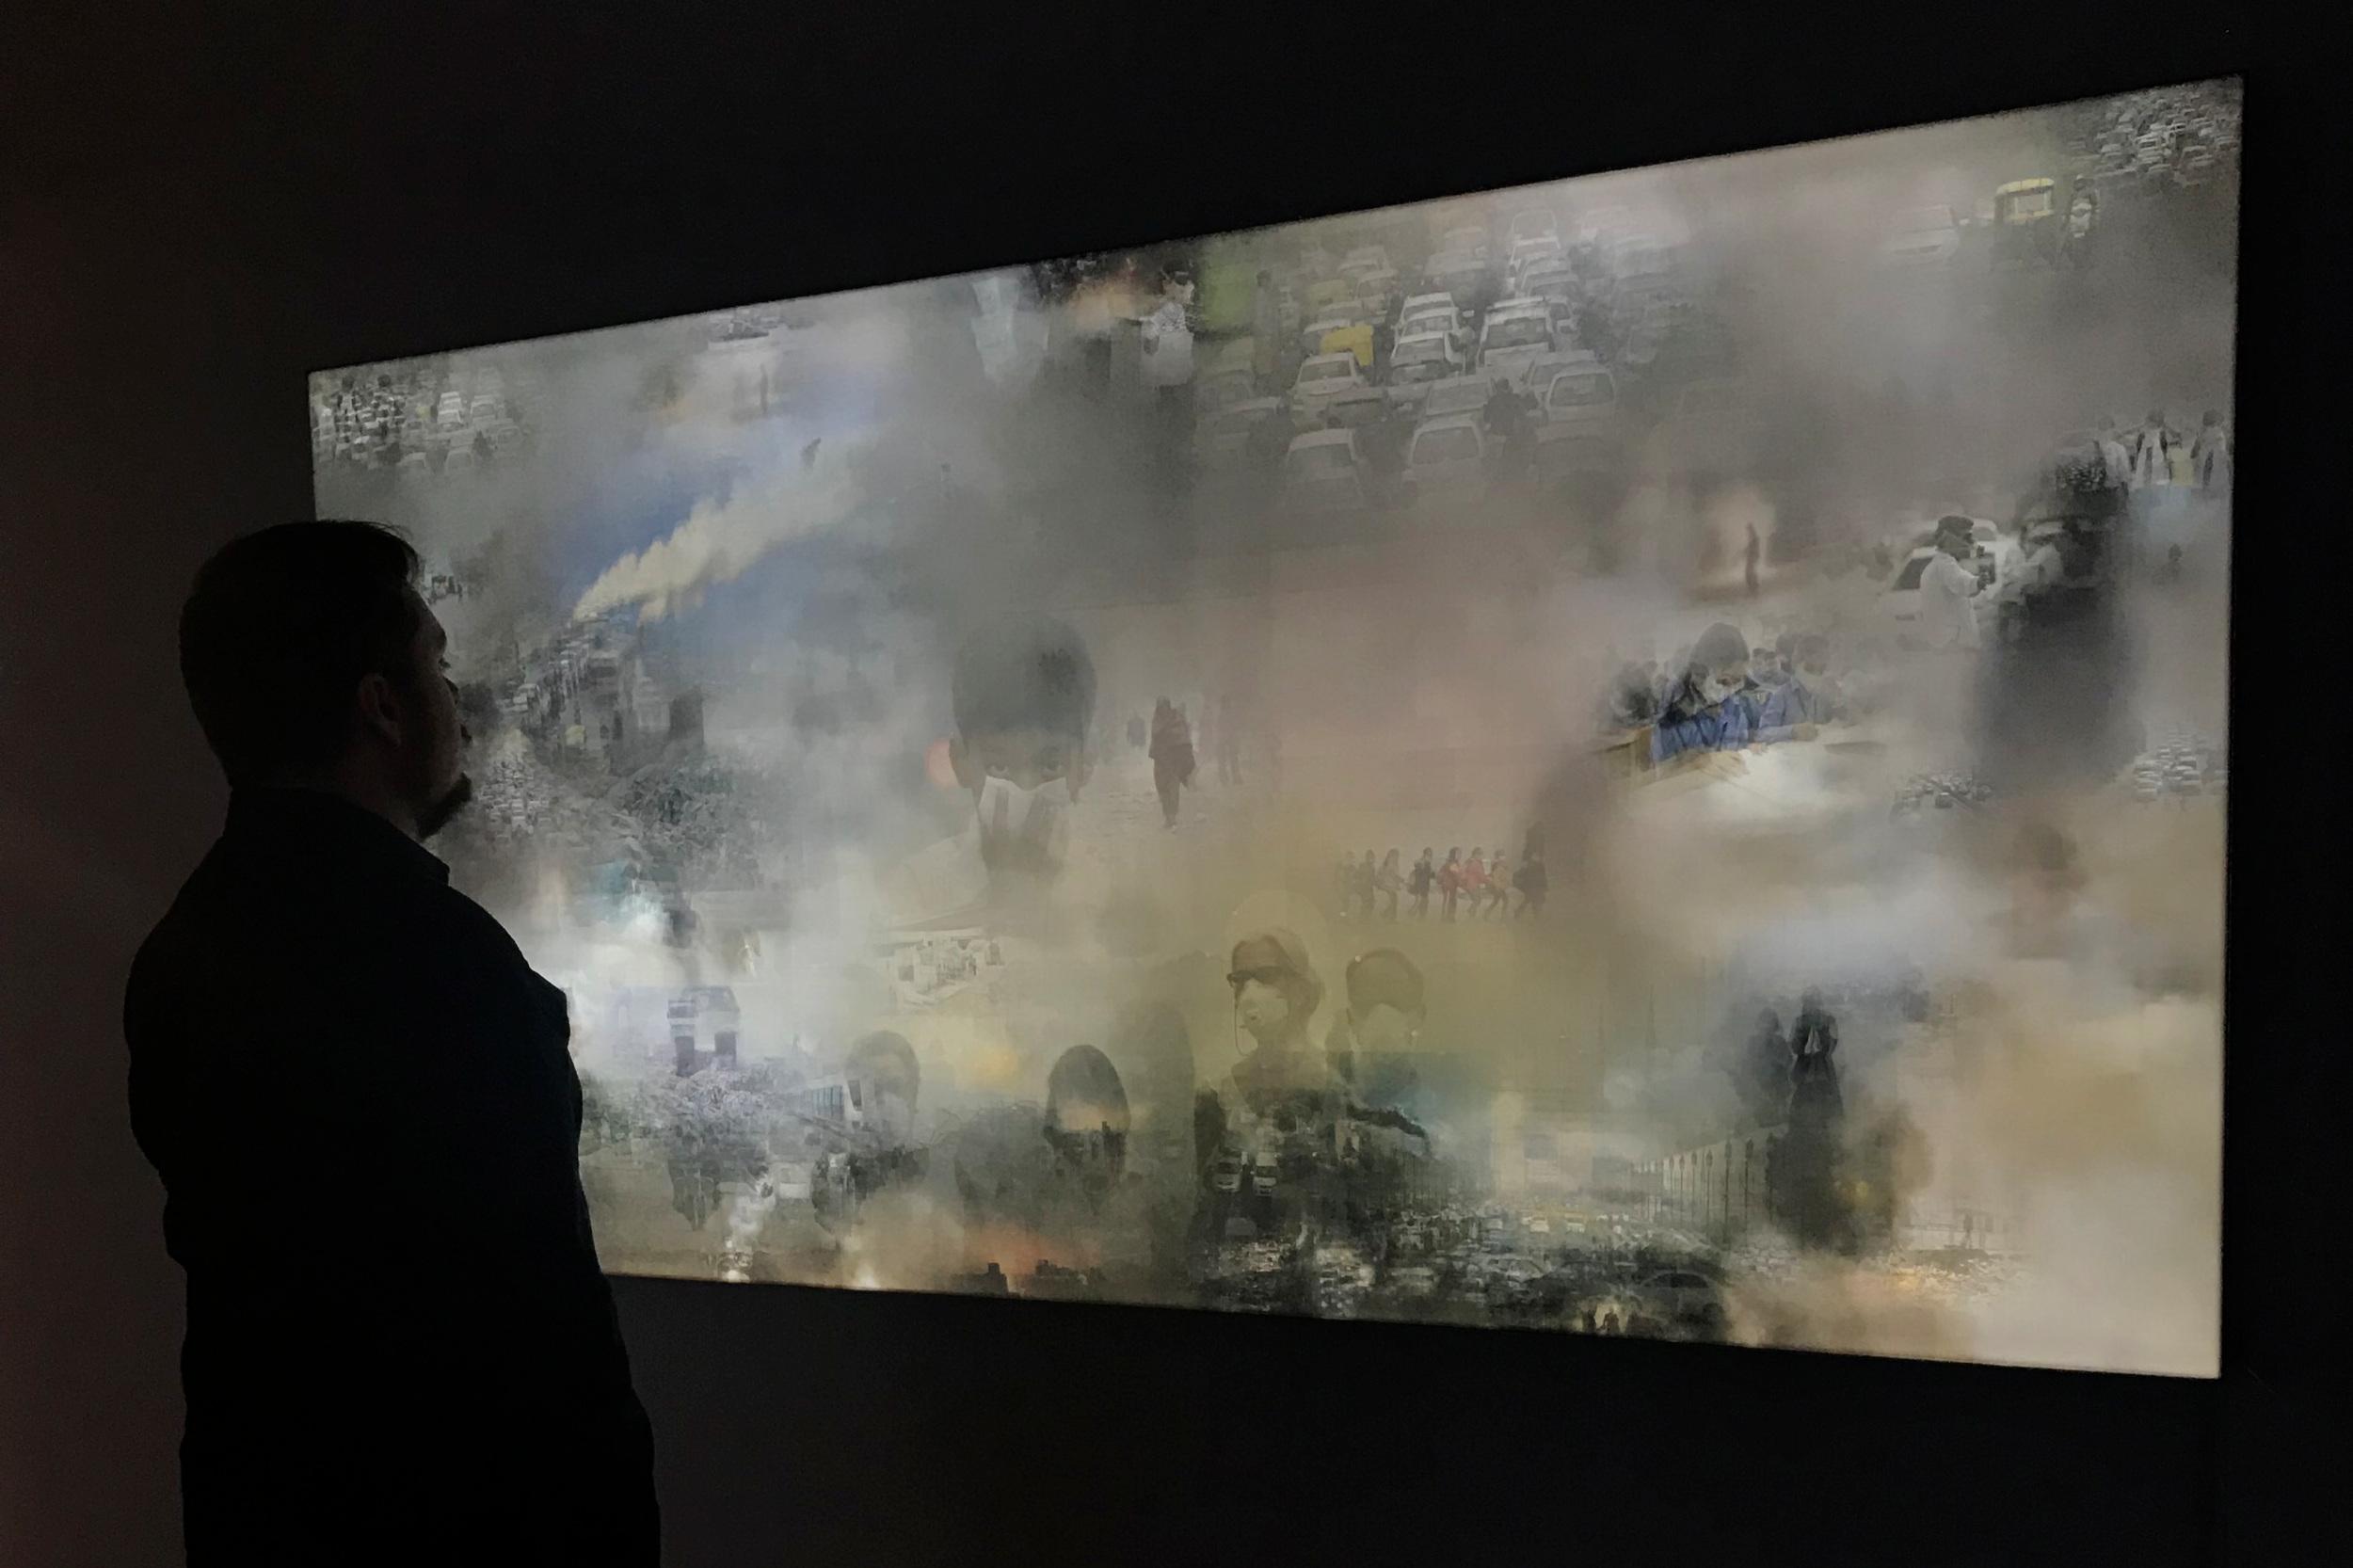 AIEye: Lost Skies, Air Pollution